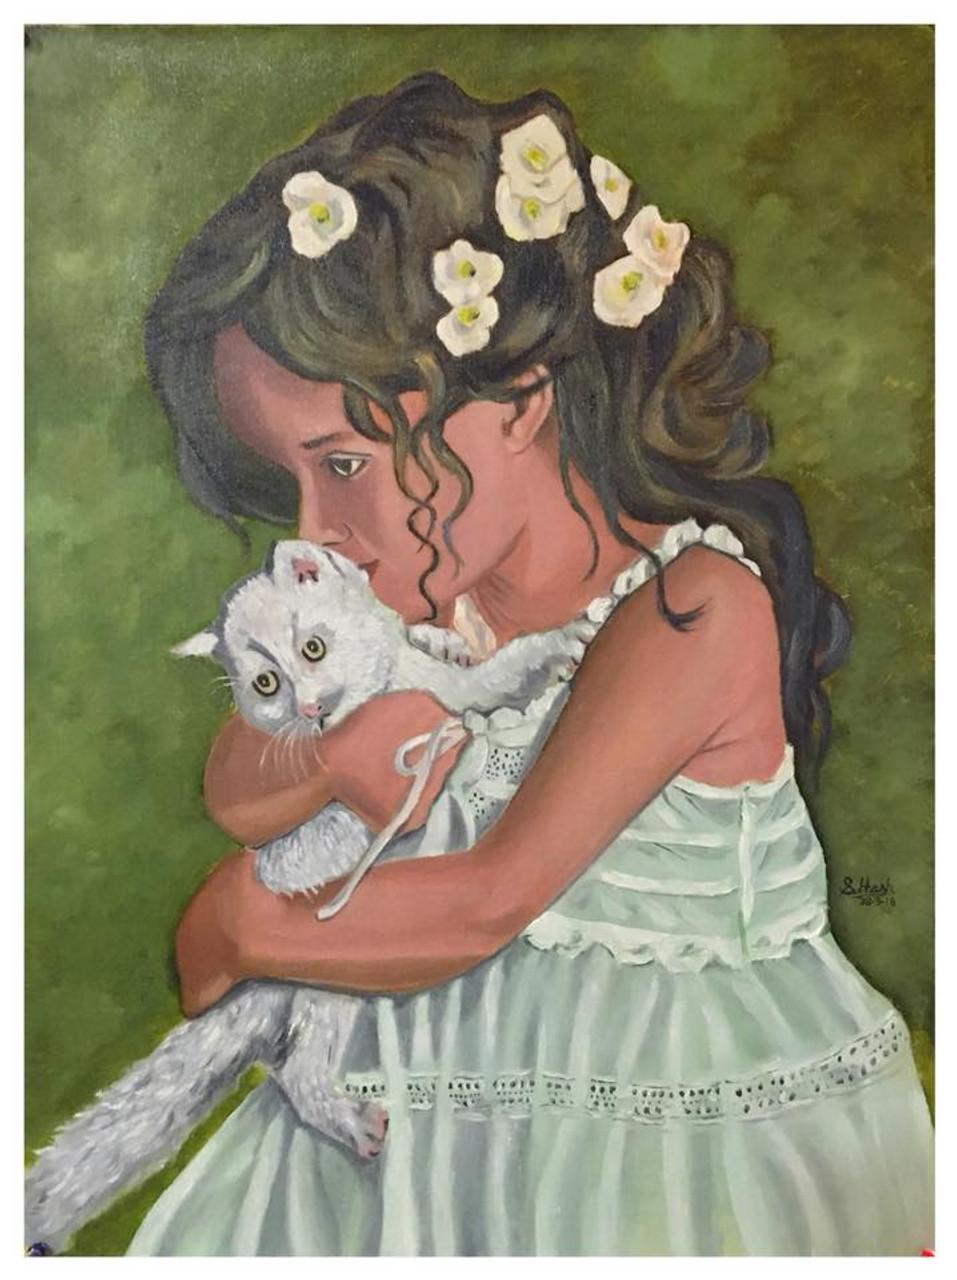 buy cute little girl handmade painting by subhash gijare code